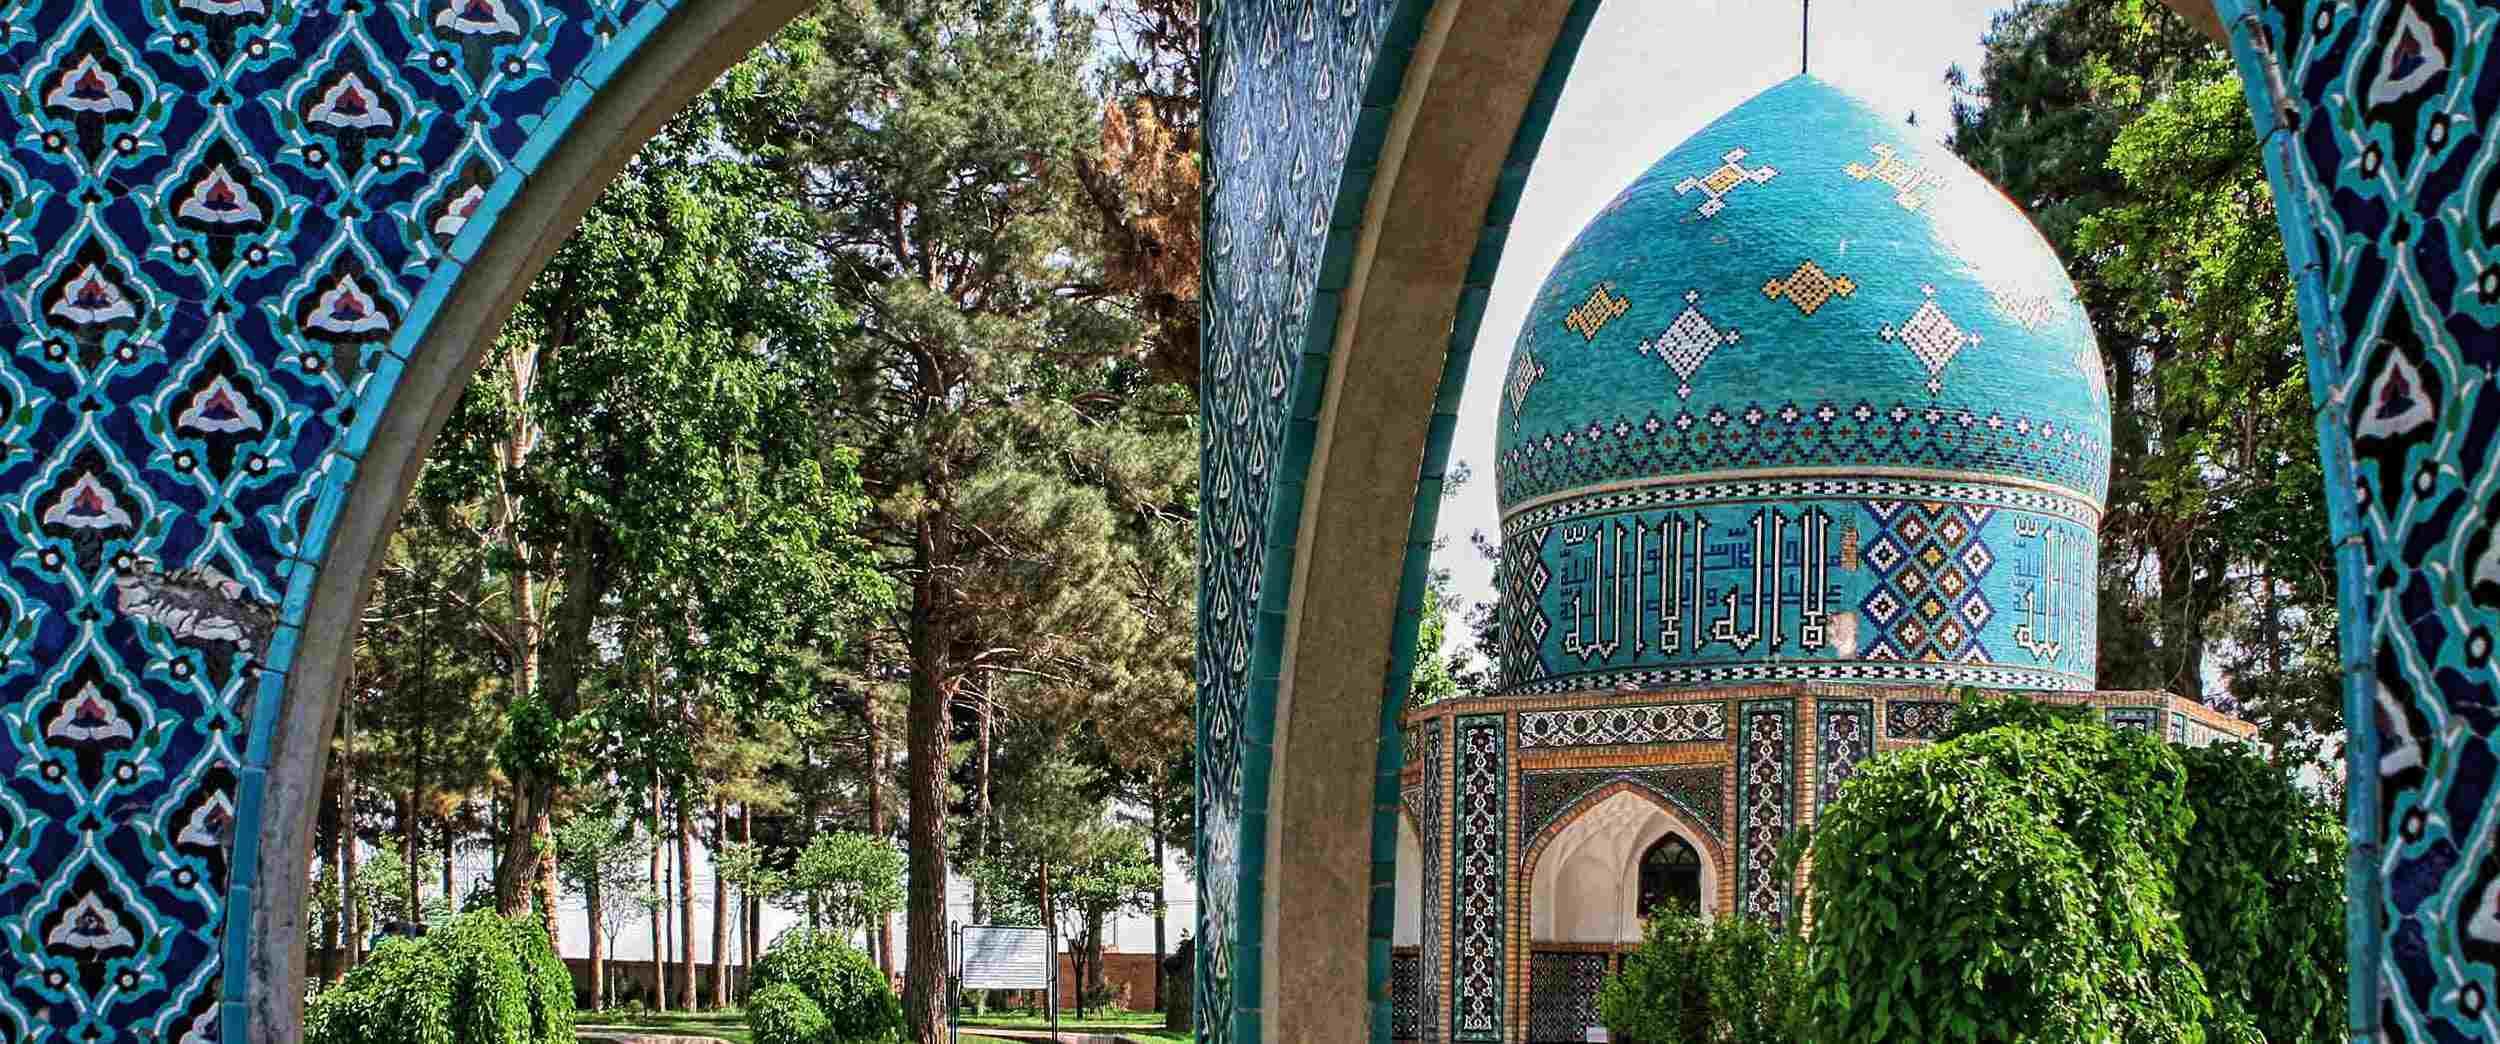 جاهای دیدنی نیشابور ، سفری از جنس تاریخ و فرهنگ ایران زمین